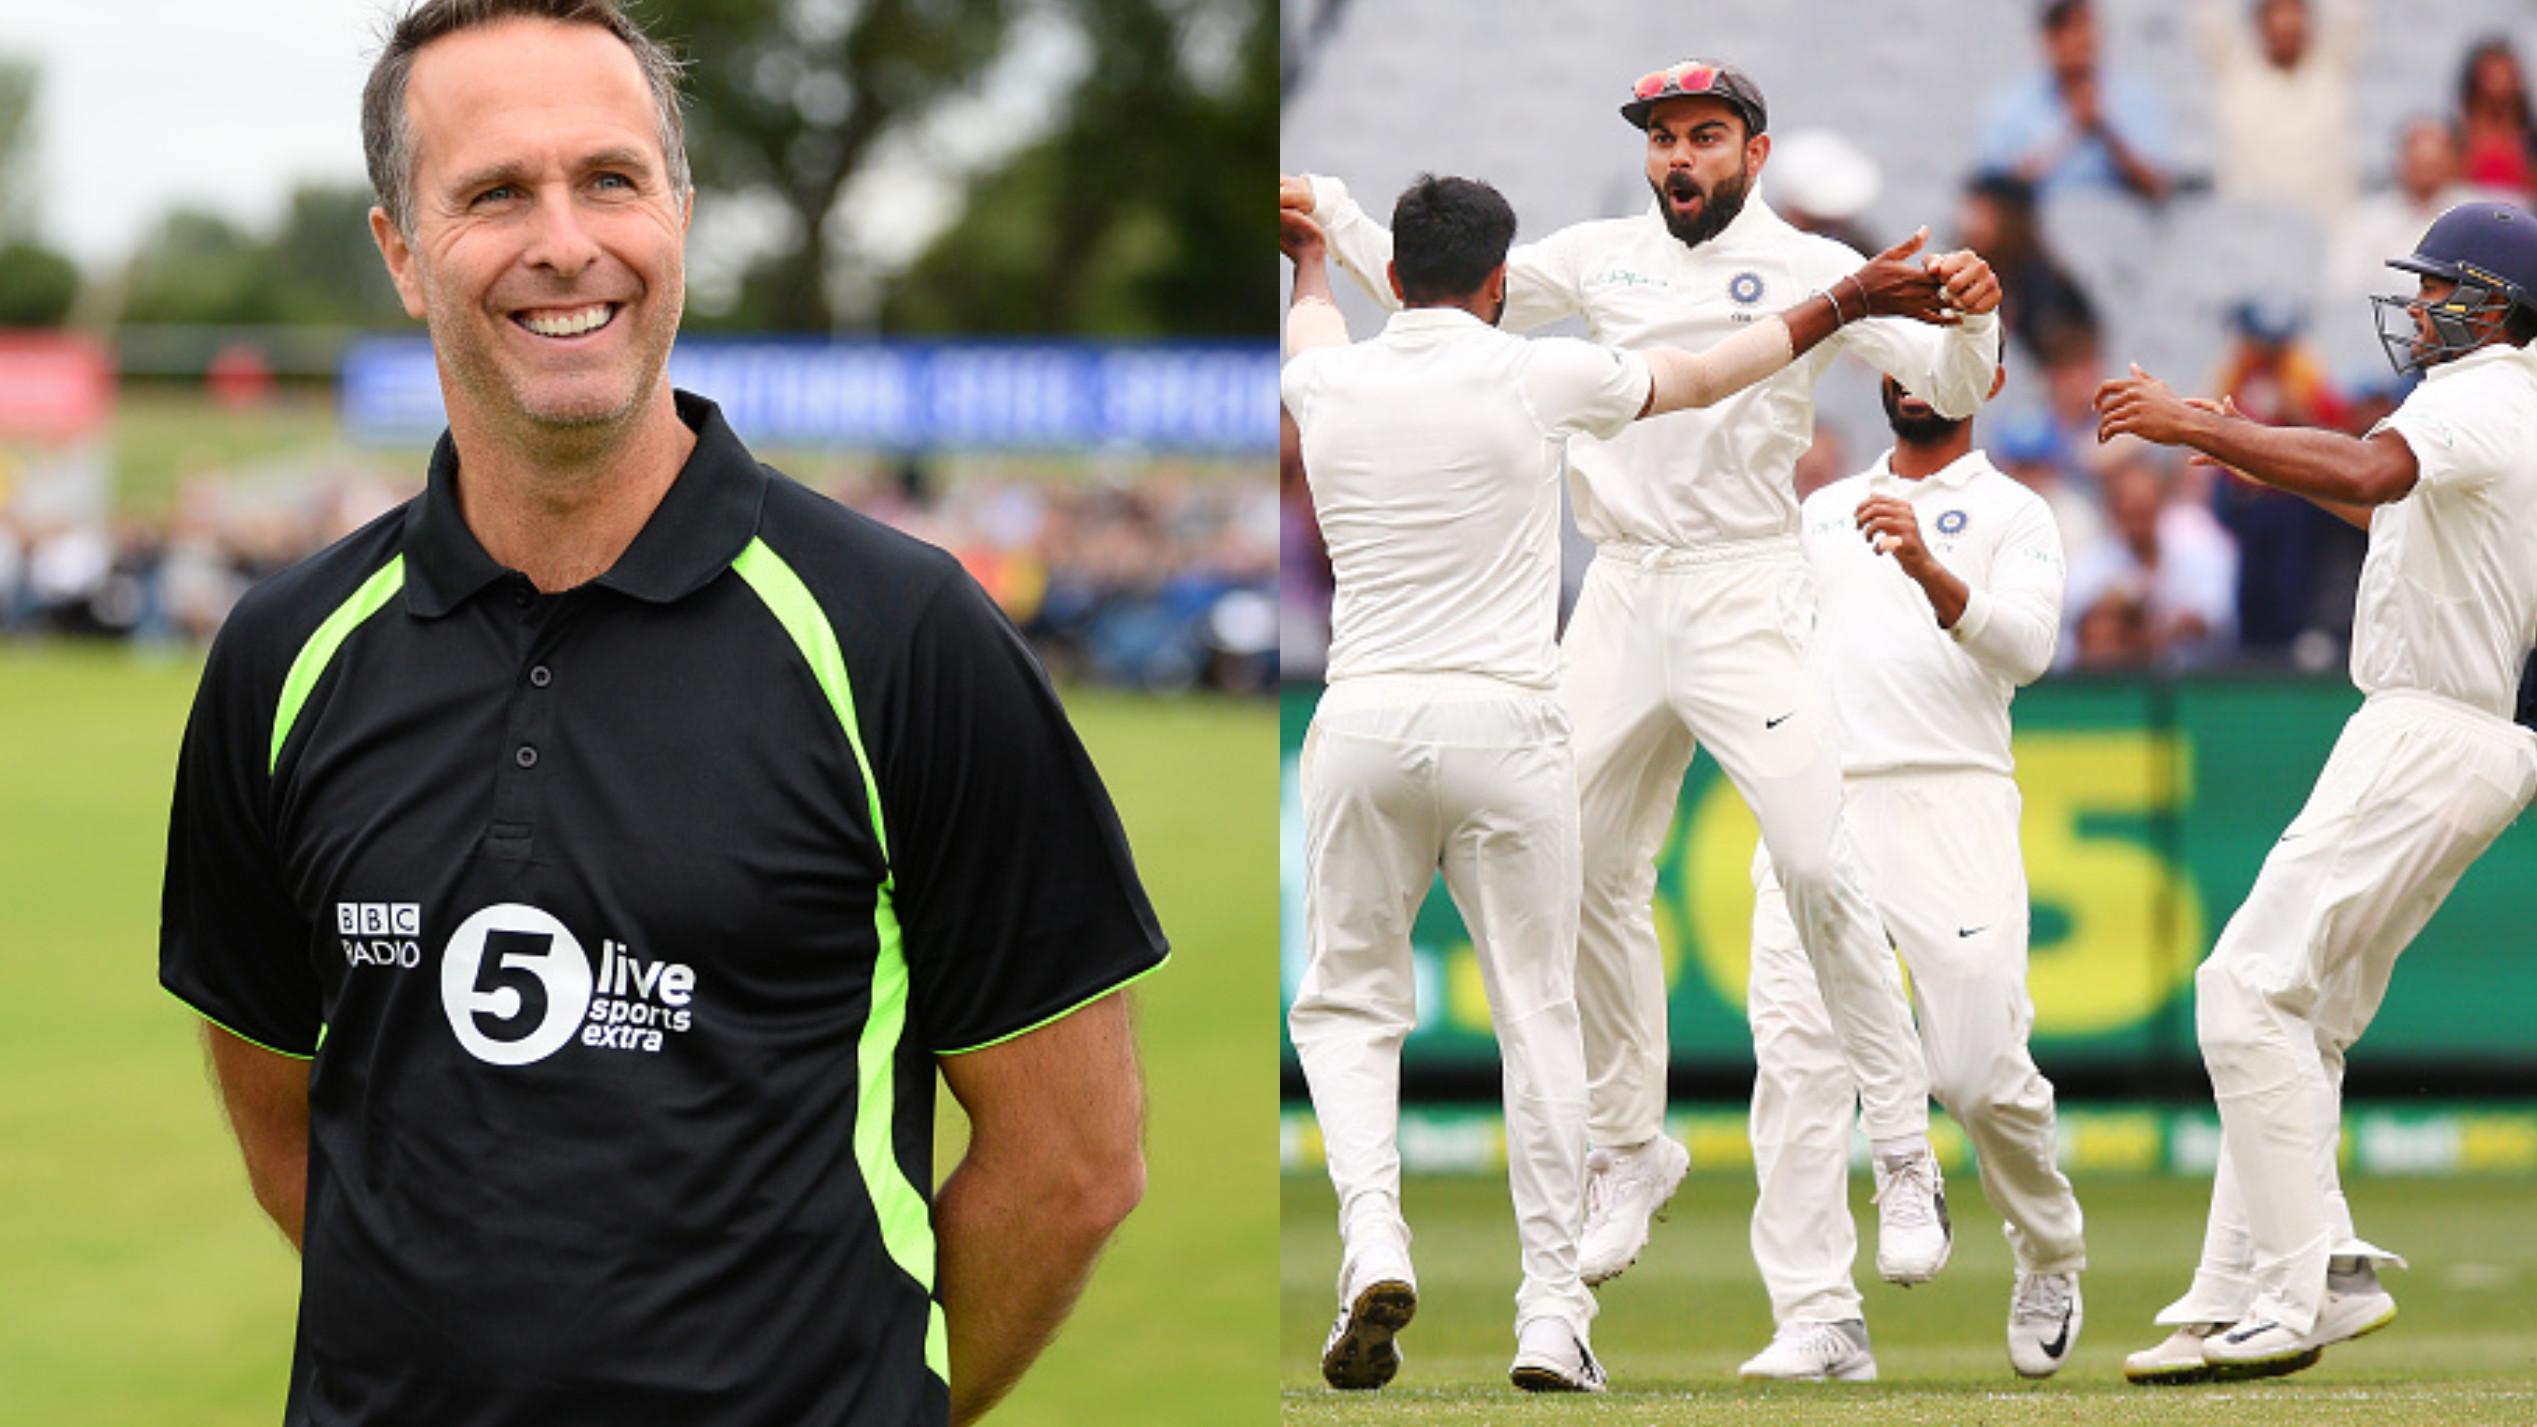 AUS v IND 2018-19 : माइकल वॉन भारत की सीरीज जीत के लिए हैं बहुत ही आश्वस्त और समय से पहले दे दी बधाई